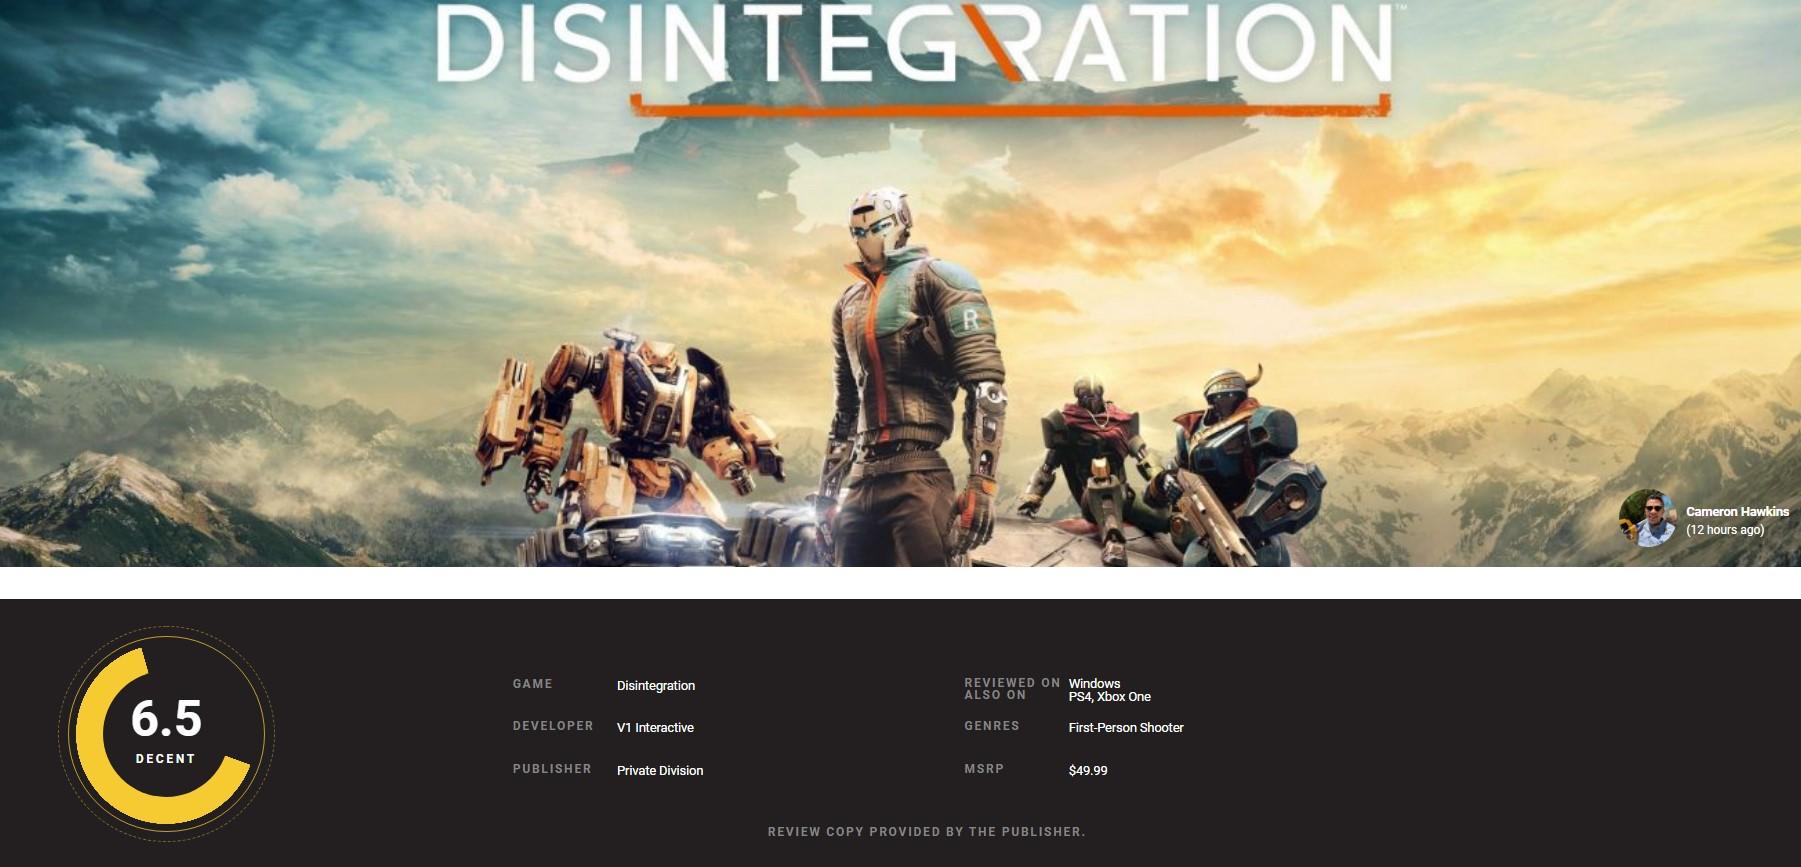 光环创始人打造科幻机甲FPS《崩解》IGN 6分:创意新颖 深度不够